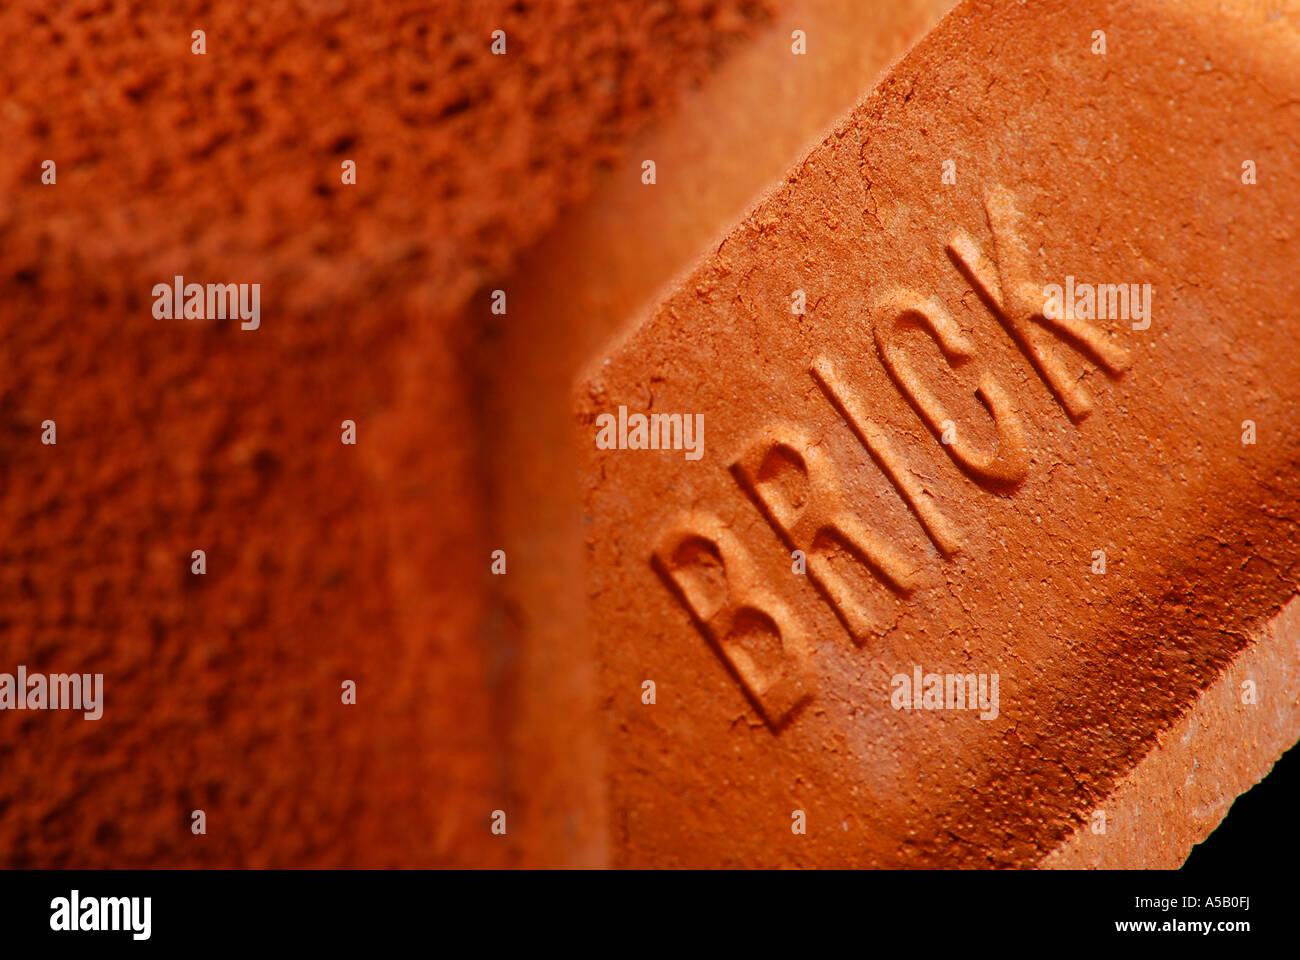 Un close-up di un mattone. Foto di Patrick patricksteel in acciaio Immagini Stock